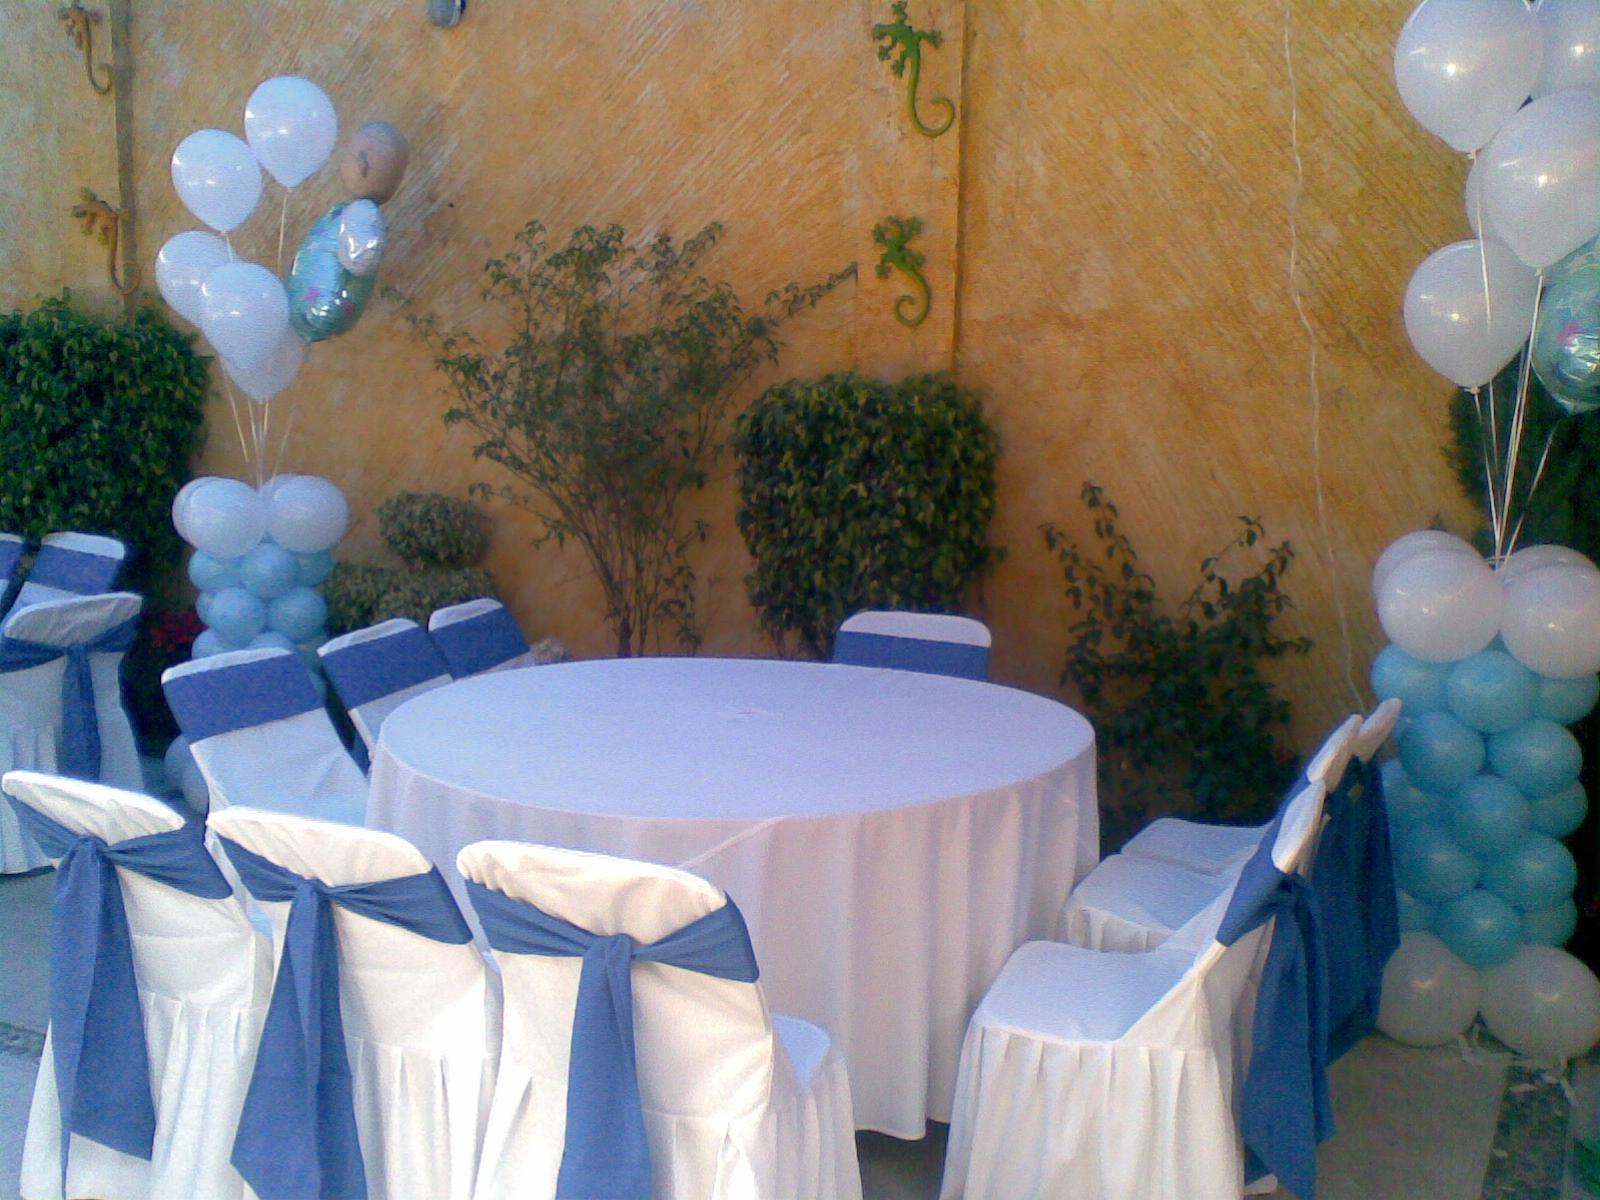 Adem alquiladora ofertas alquiler de sillas y mesas for Ofertas de mesas y sillas